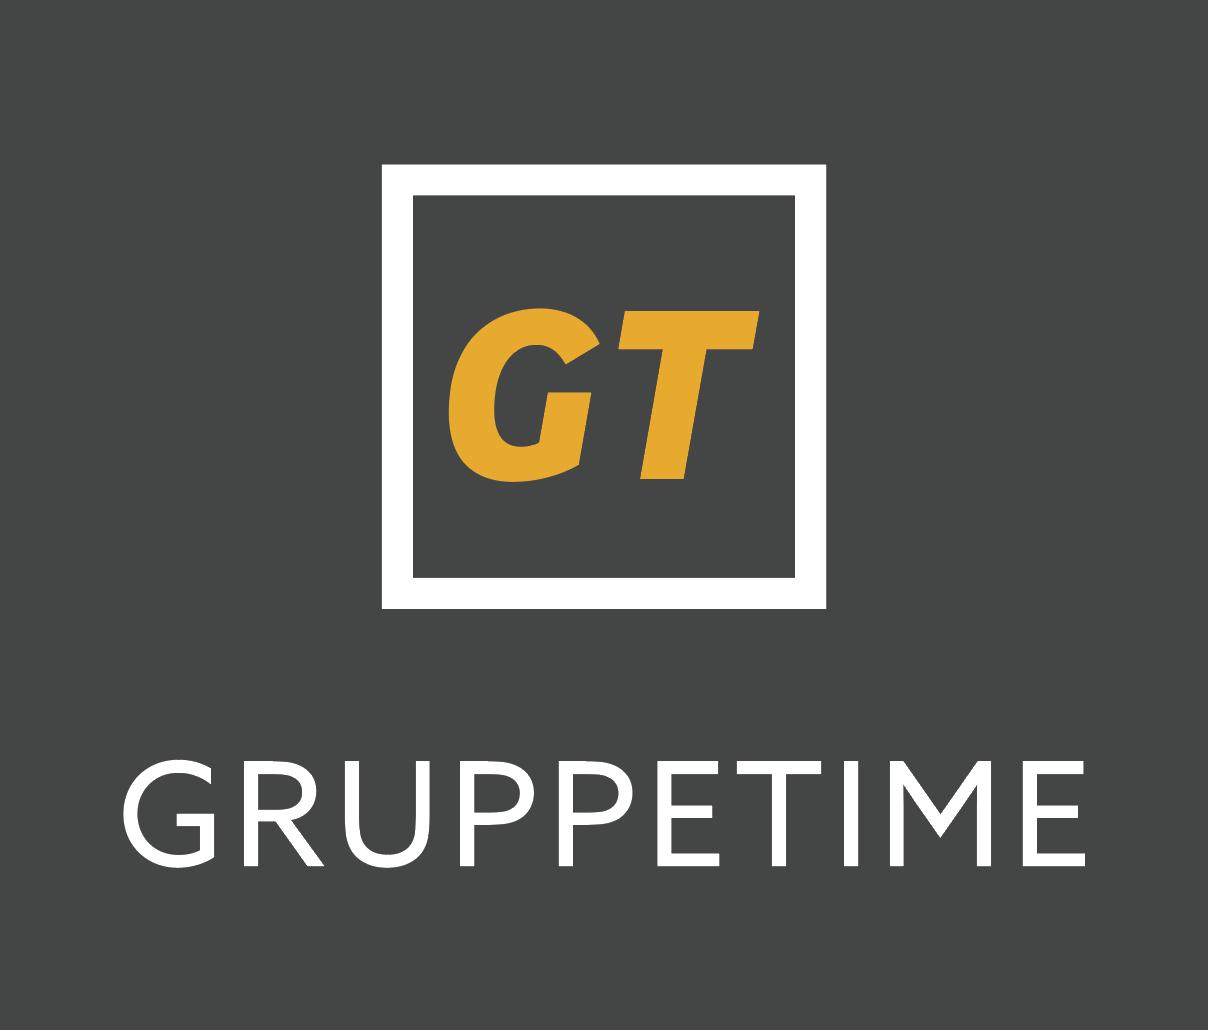 GRUPPETIME - BodyART - tirsdag 19.00-19.55BodyROCK - torsdag 18.00-18.55